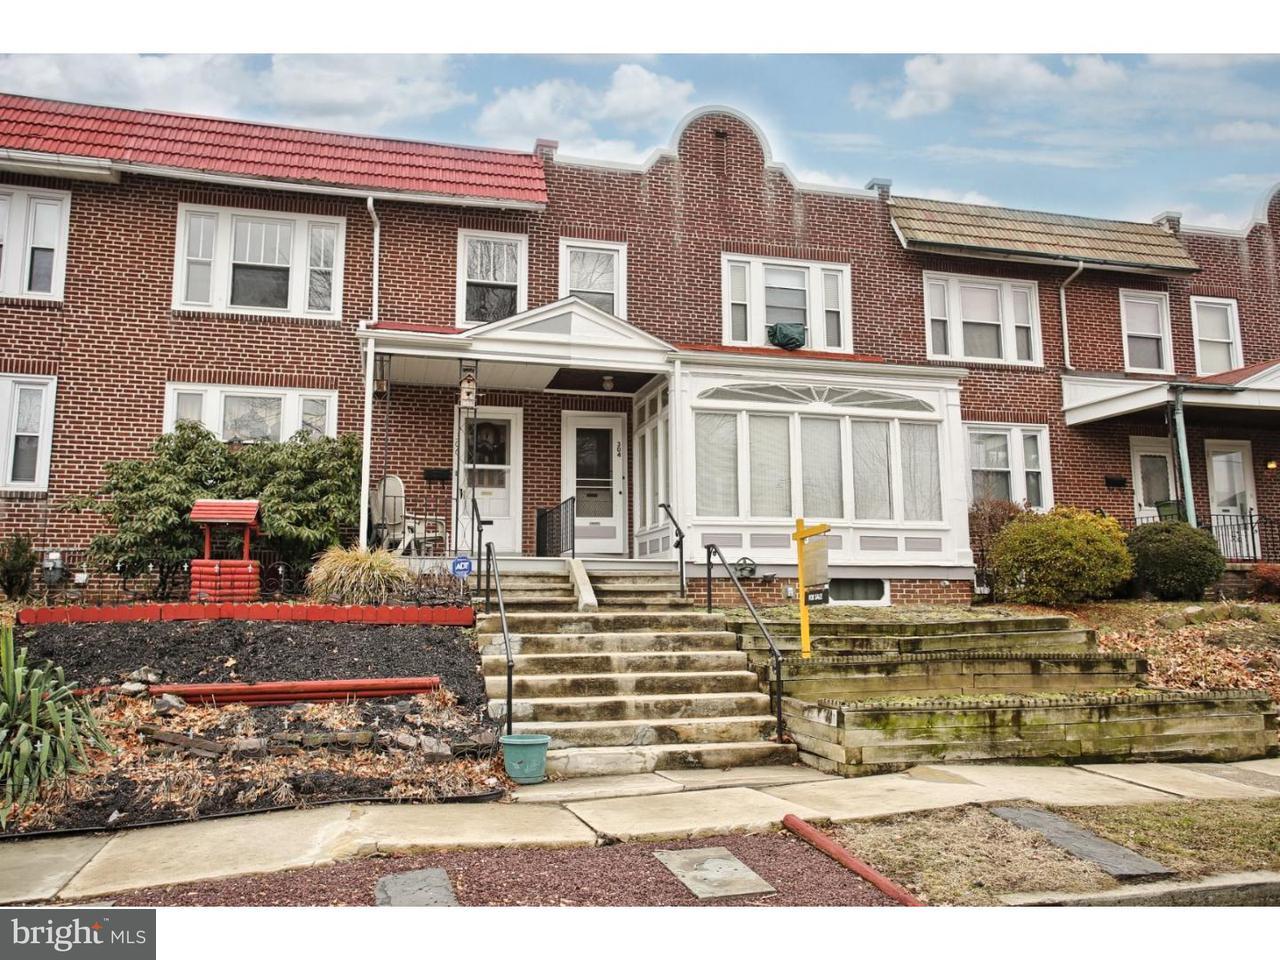 联栋屋 为 销售 在 304 S 3RD Avenue 雷丁, 宾夕法尼亚州 19611 美国